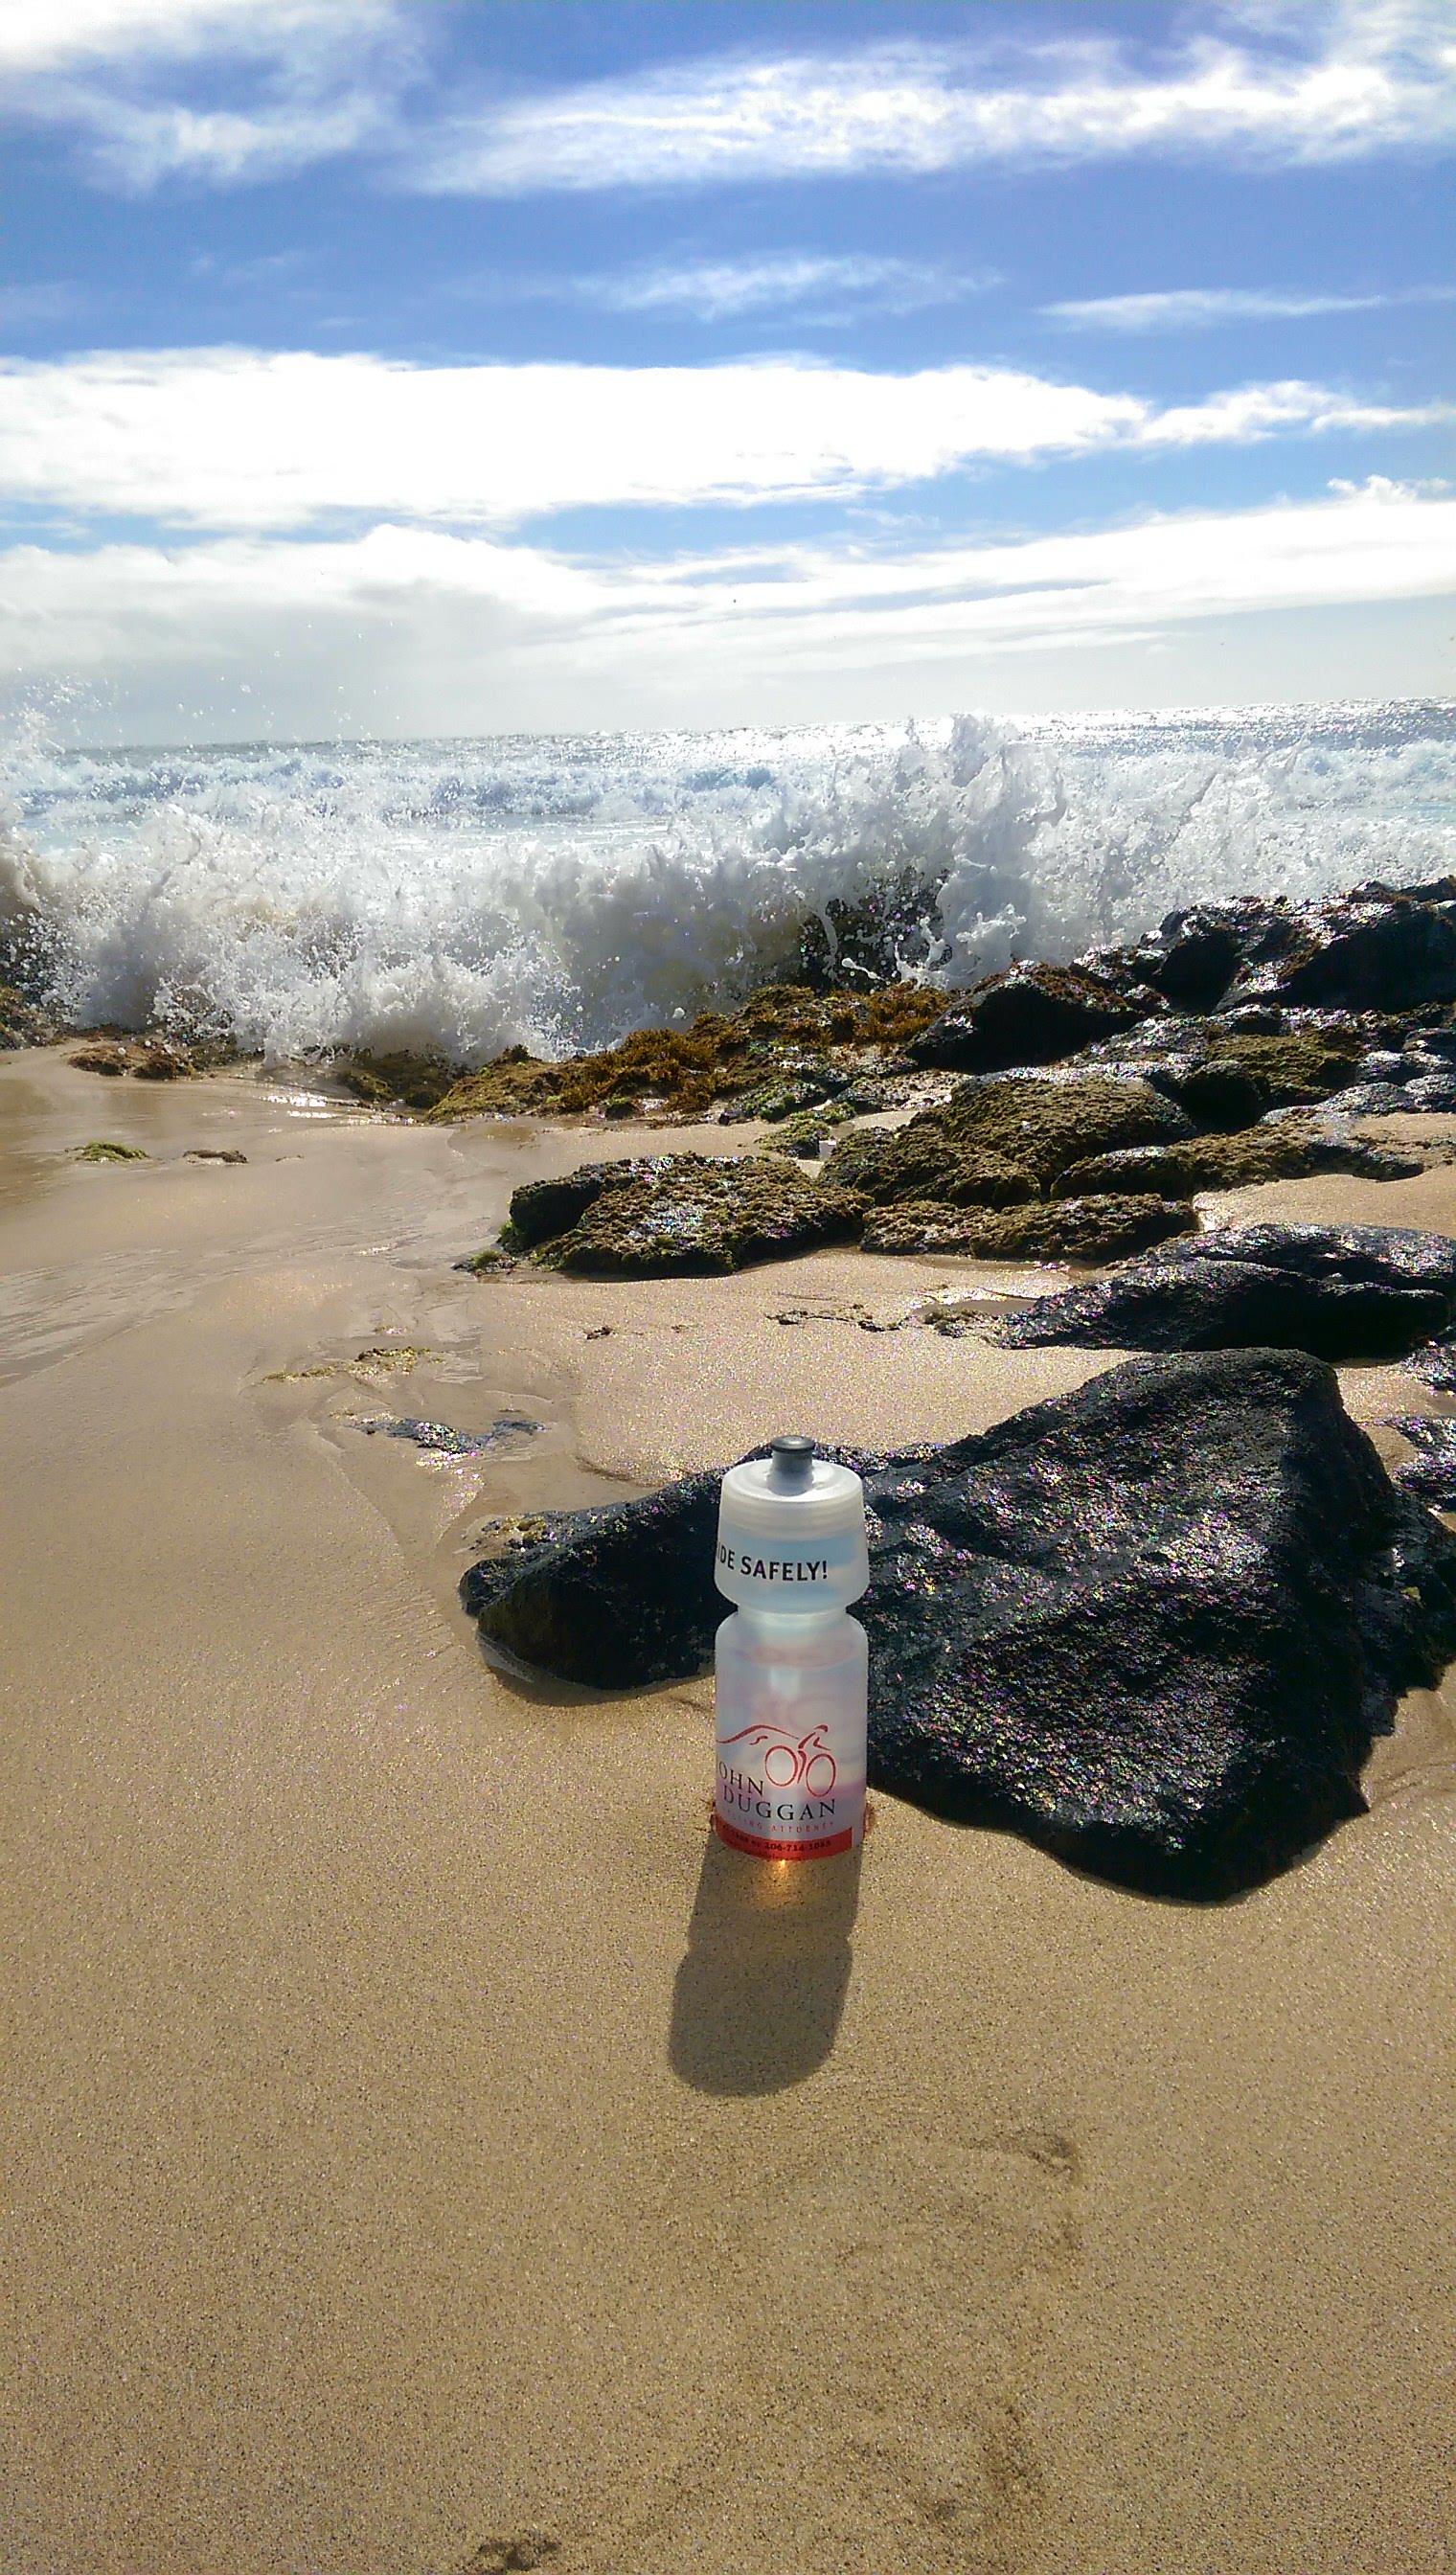 Shipwreck's Beach aka Keoneloa Beach - Kauai, HI